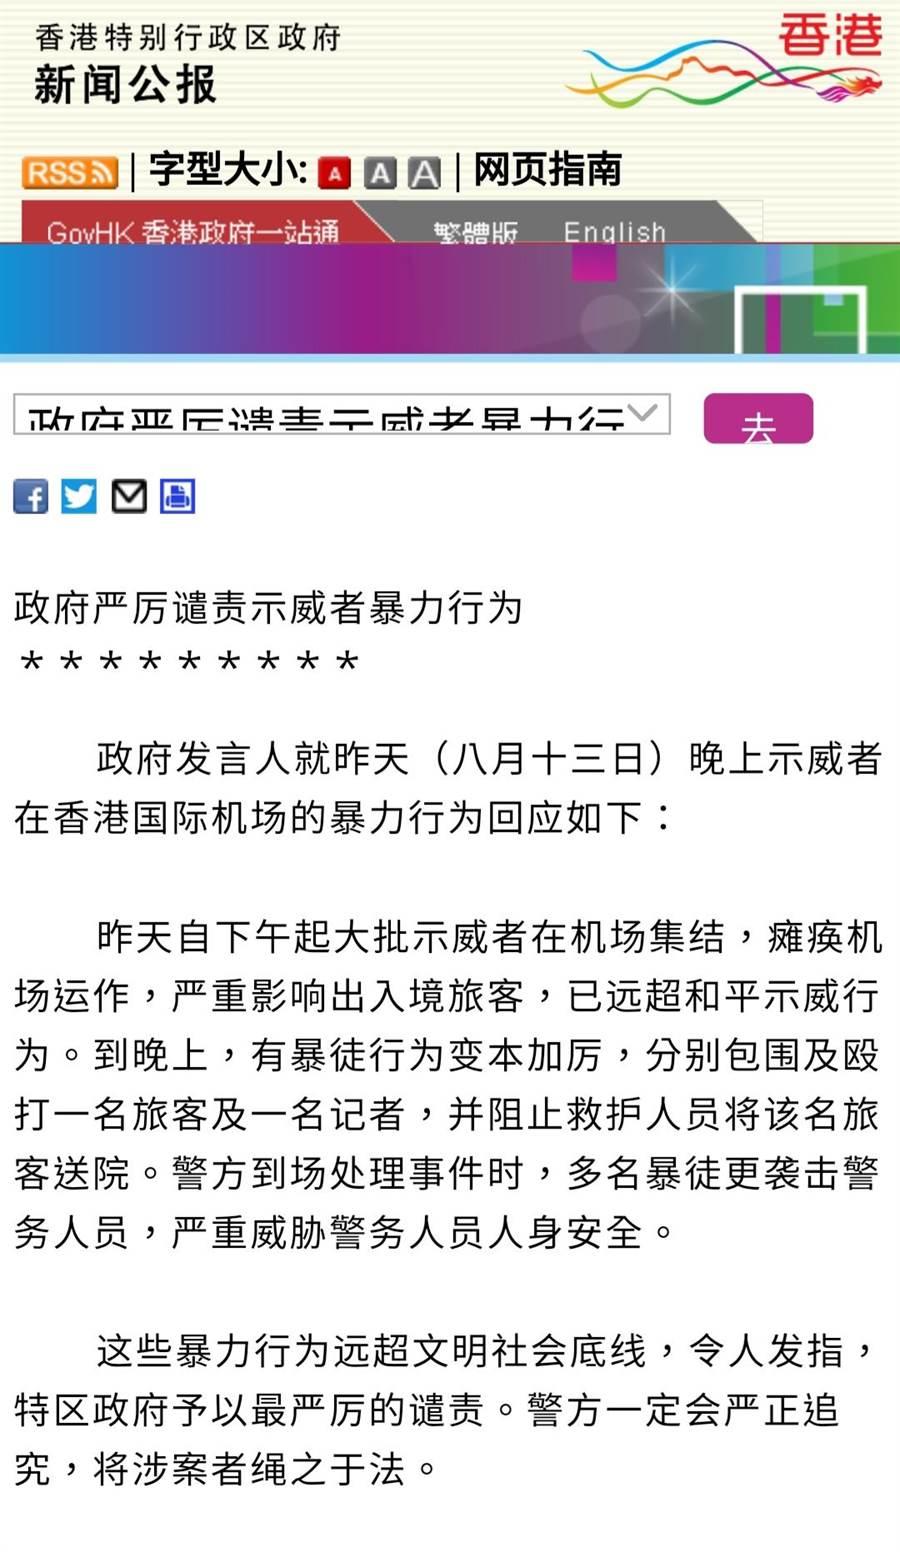 香港政府新聞稿。(網路截圖)